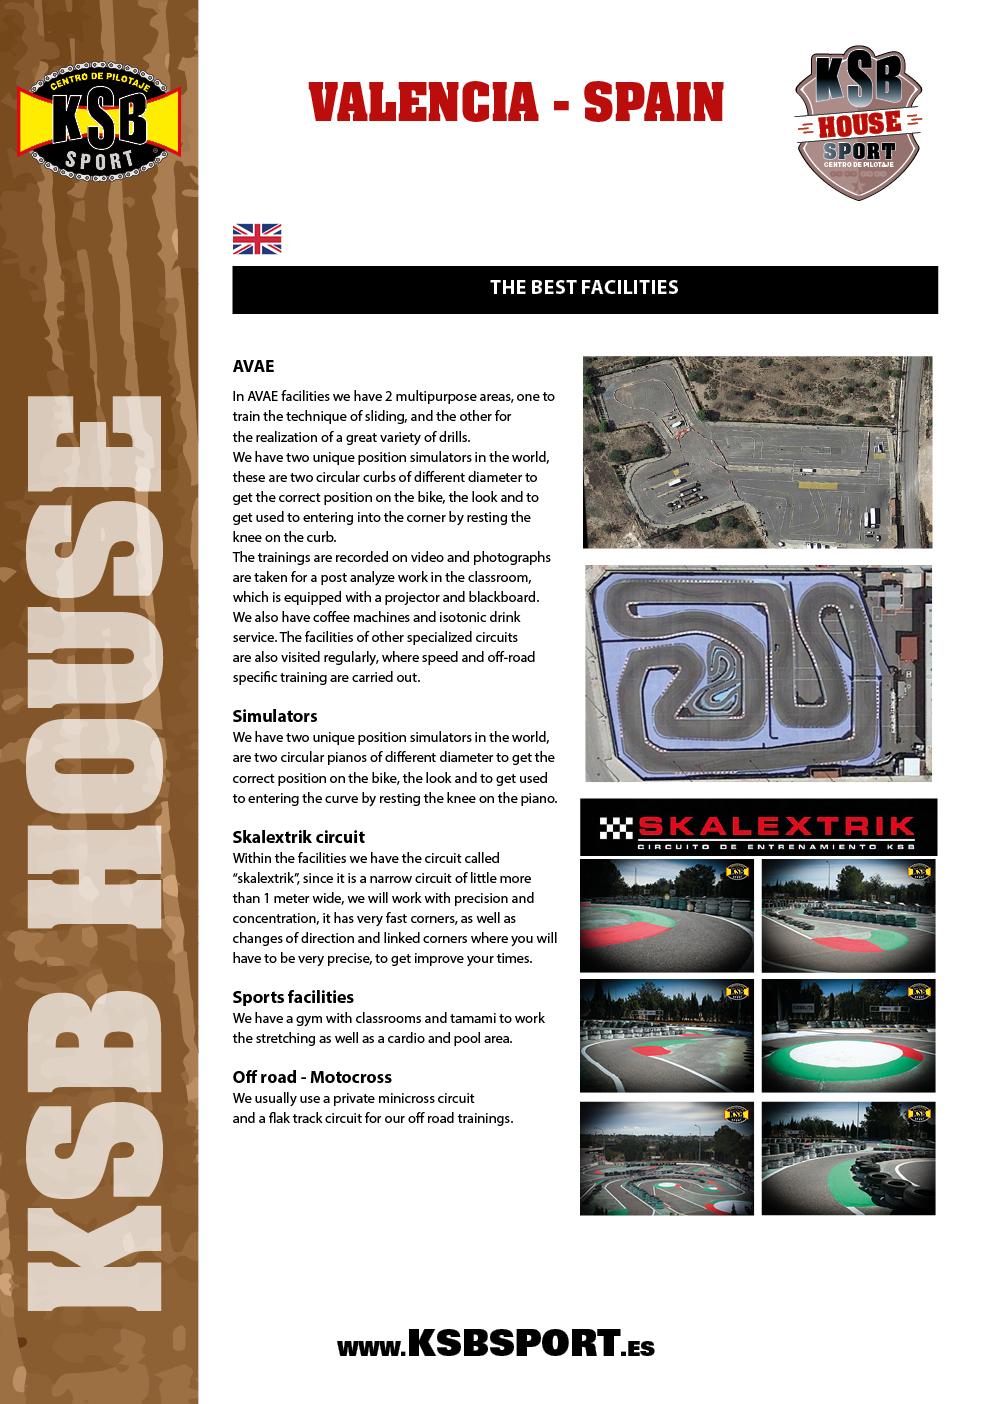 ksb_house_dossier13